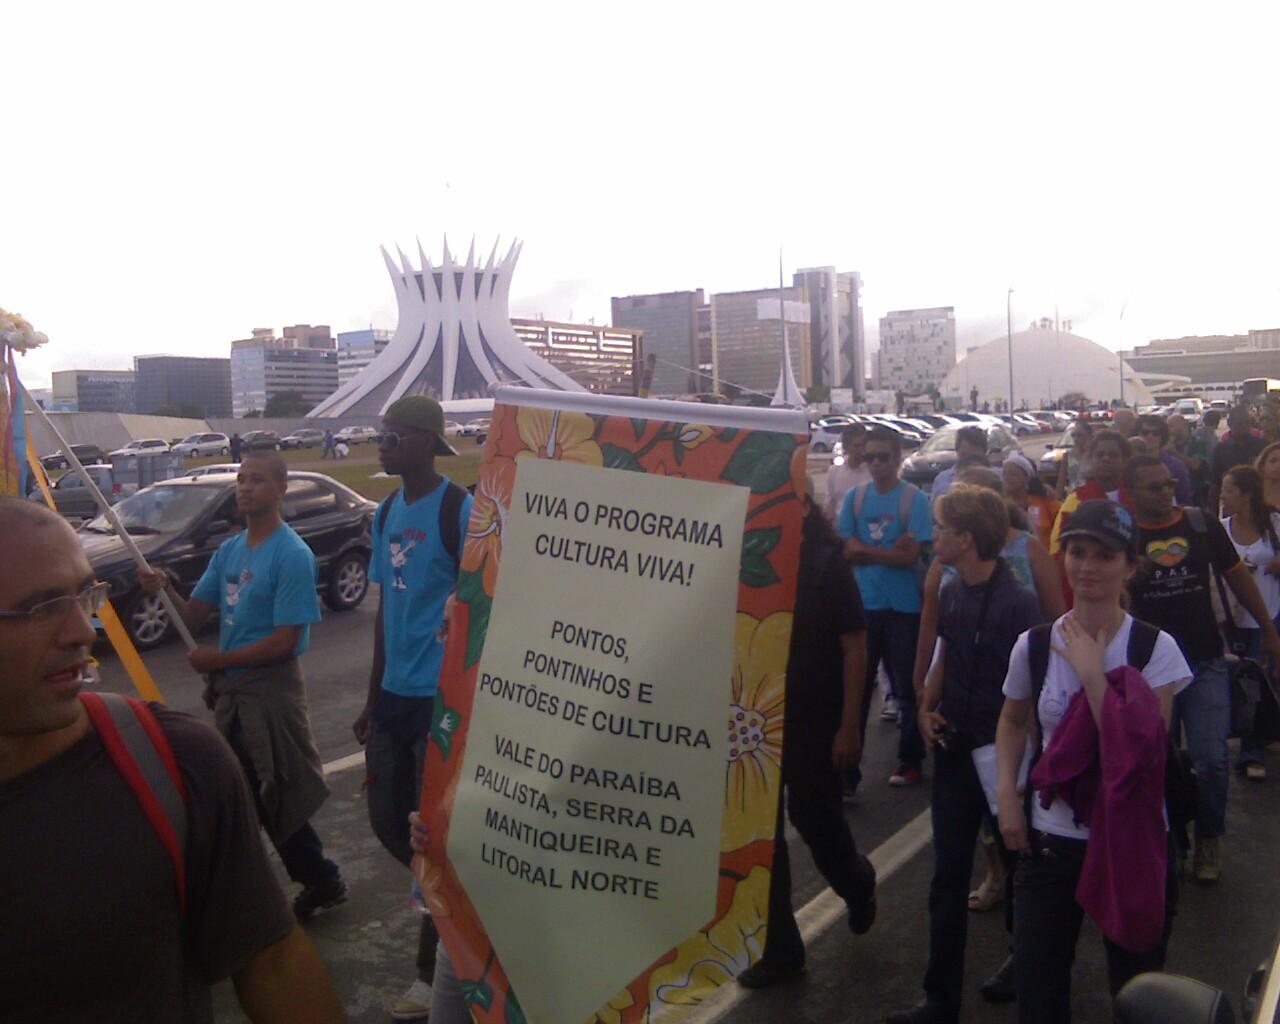 #pontosdecultura nas ruas em #brasilia